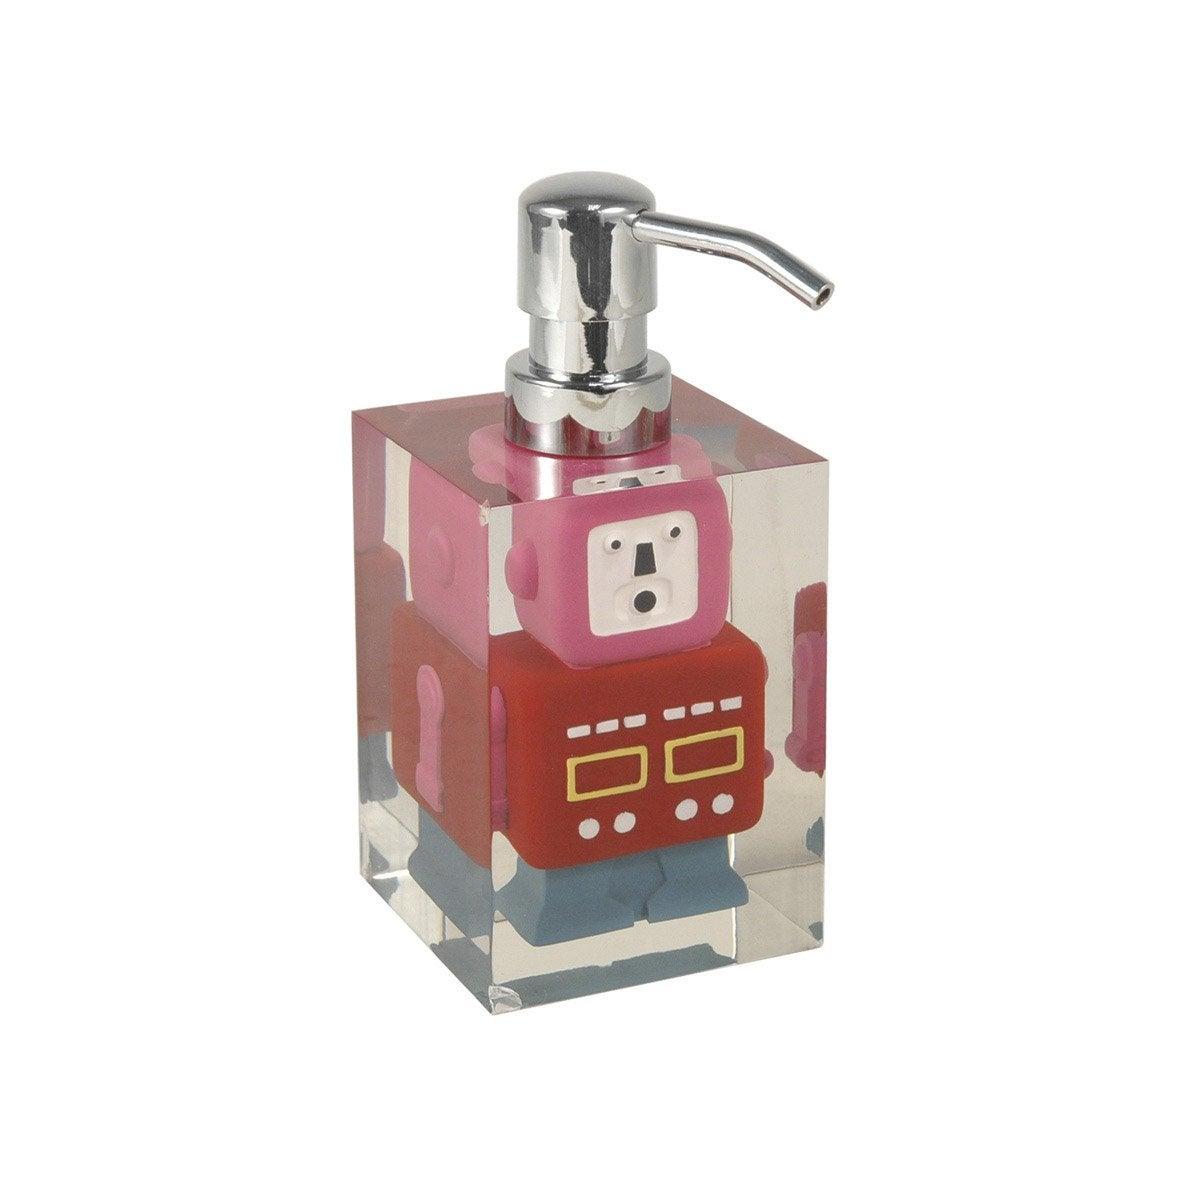 Distributeur de savon robot rouge leroy merlin for Robot piscine leroy merlin